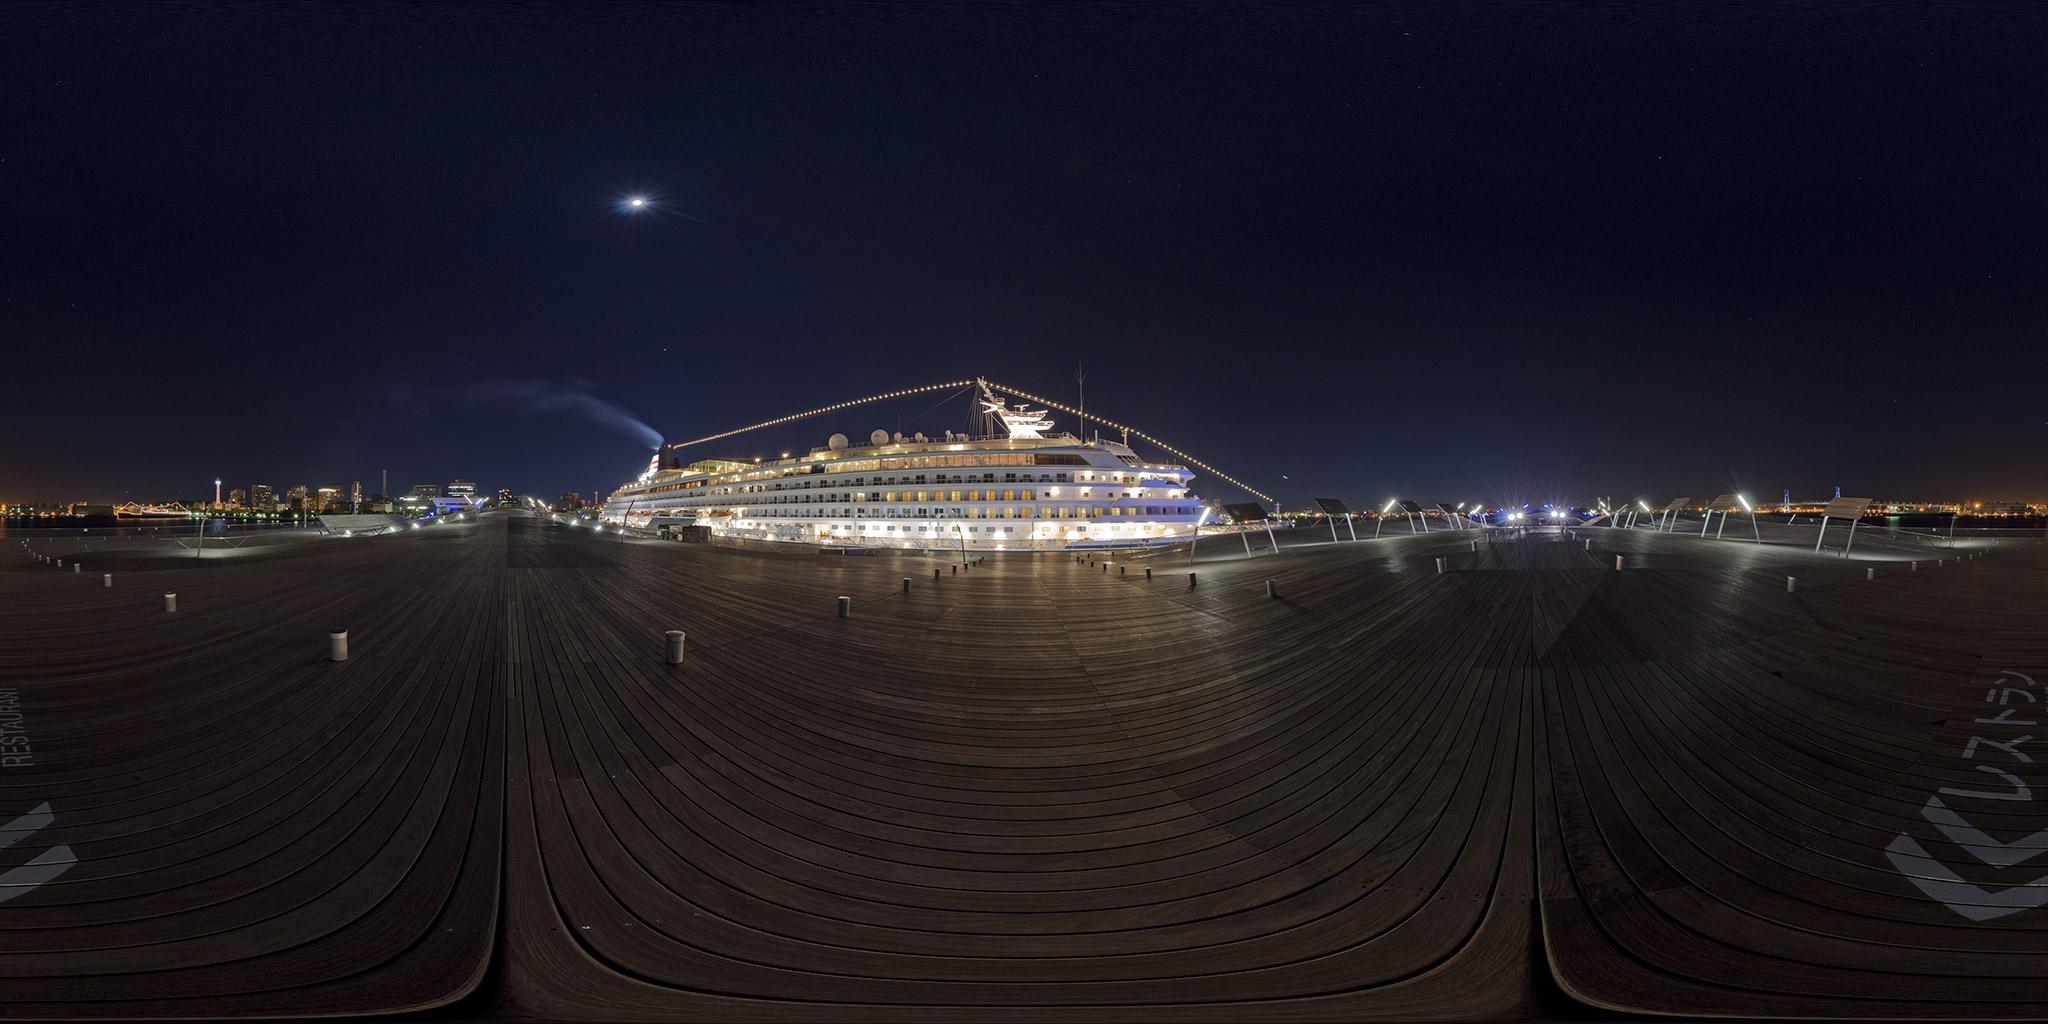 横浜港大さん橋国際客船ターミナルと横浜夜景